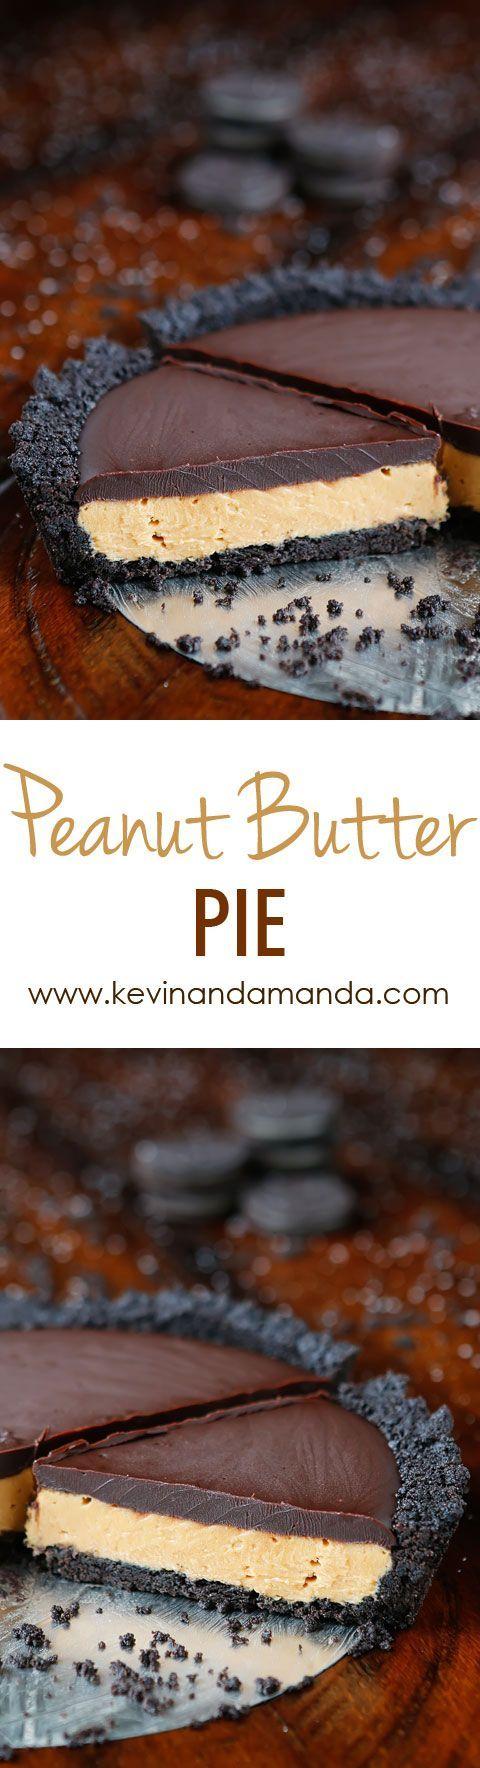 No-Bake Peanut Butter Pie. #chocolate #desserts